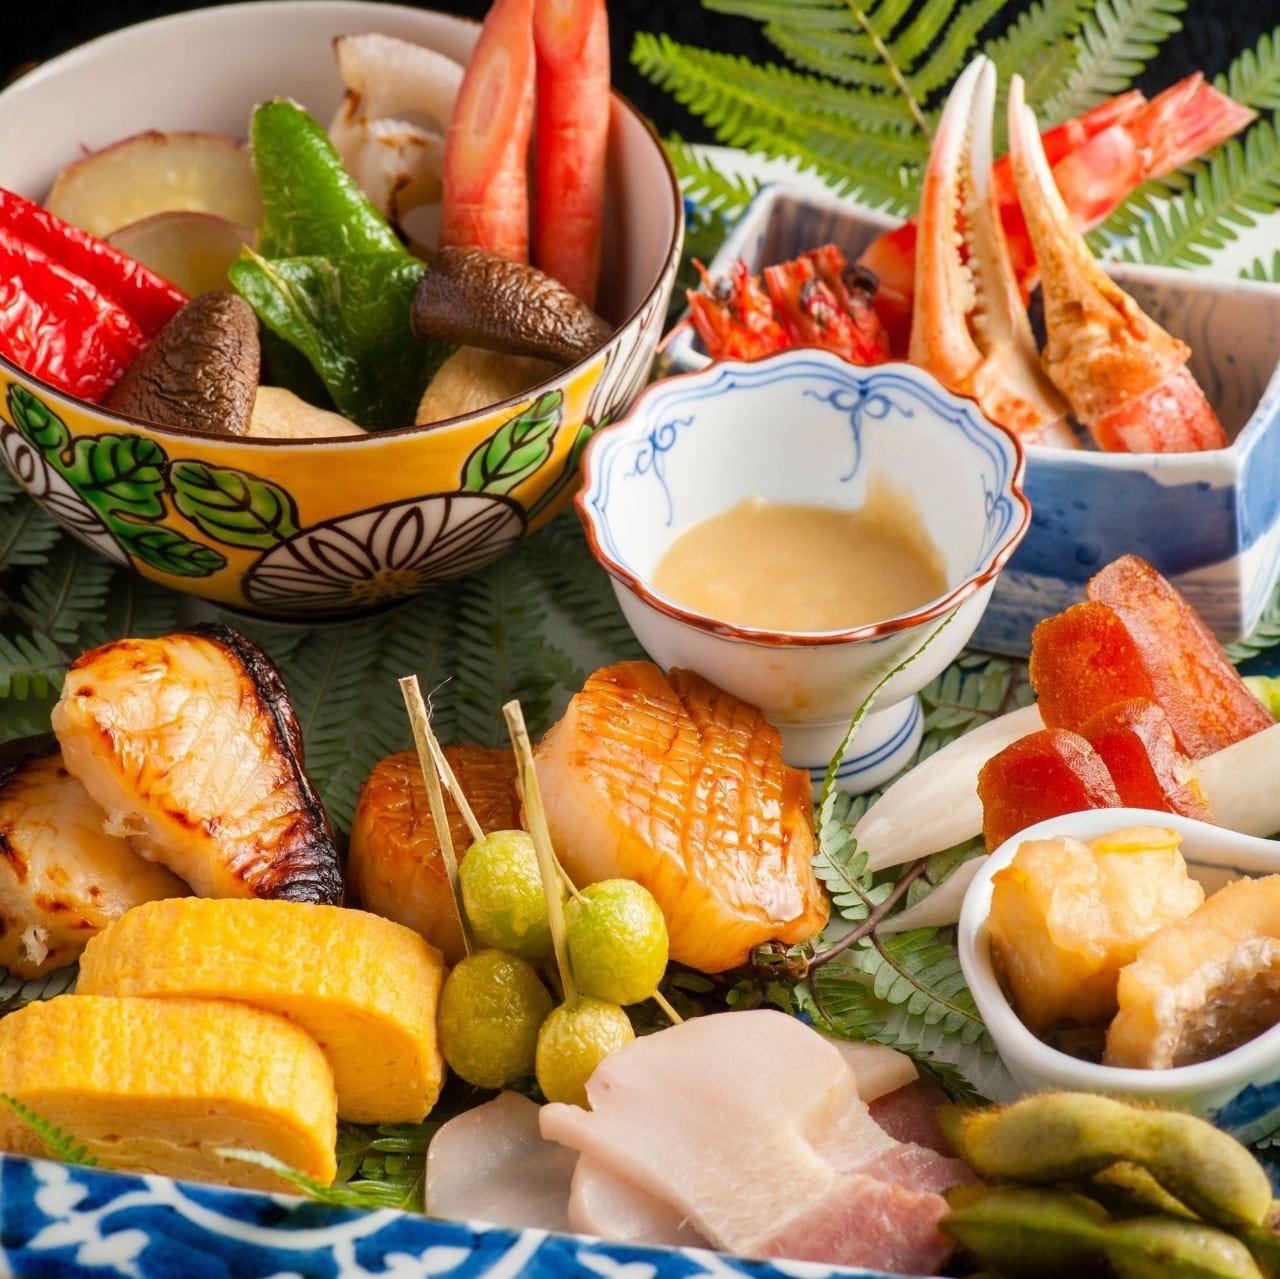 本格日本料理をご家庭で! 旬食材を贅沢に楽しむオードブル